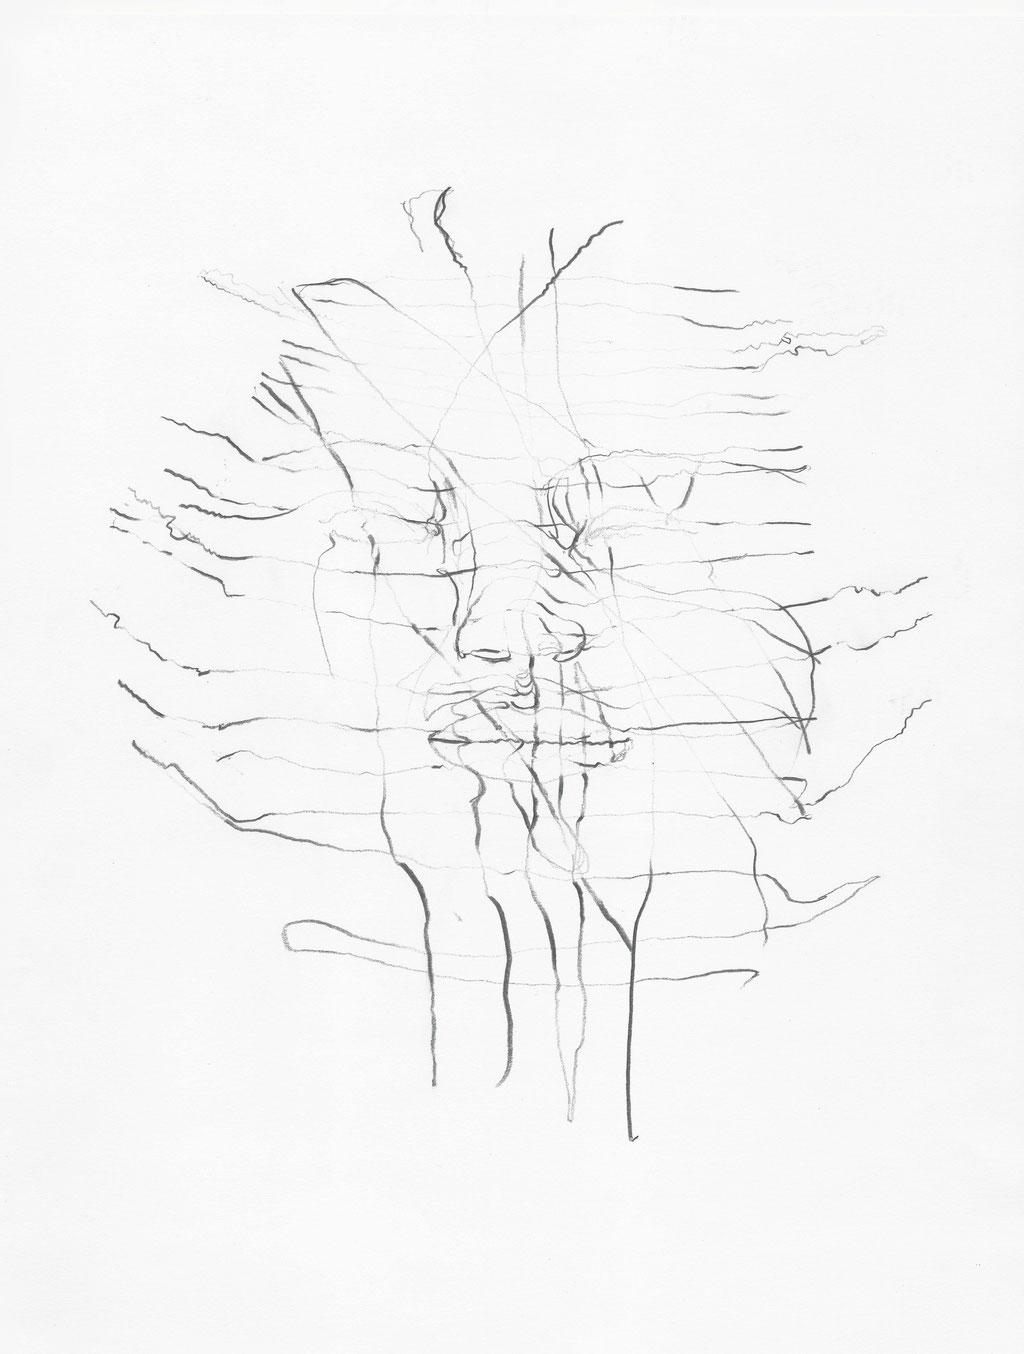 Selbstportrait - Tastsinn, Bleistift auf Papier, 2014, Damaris Rohner